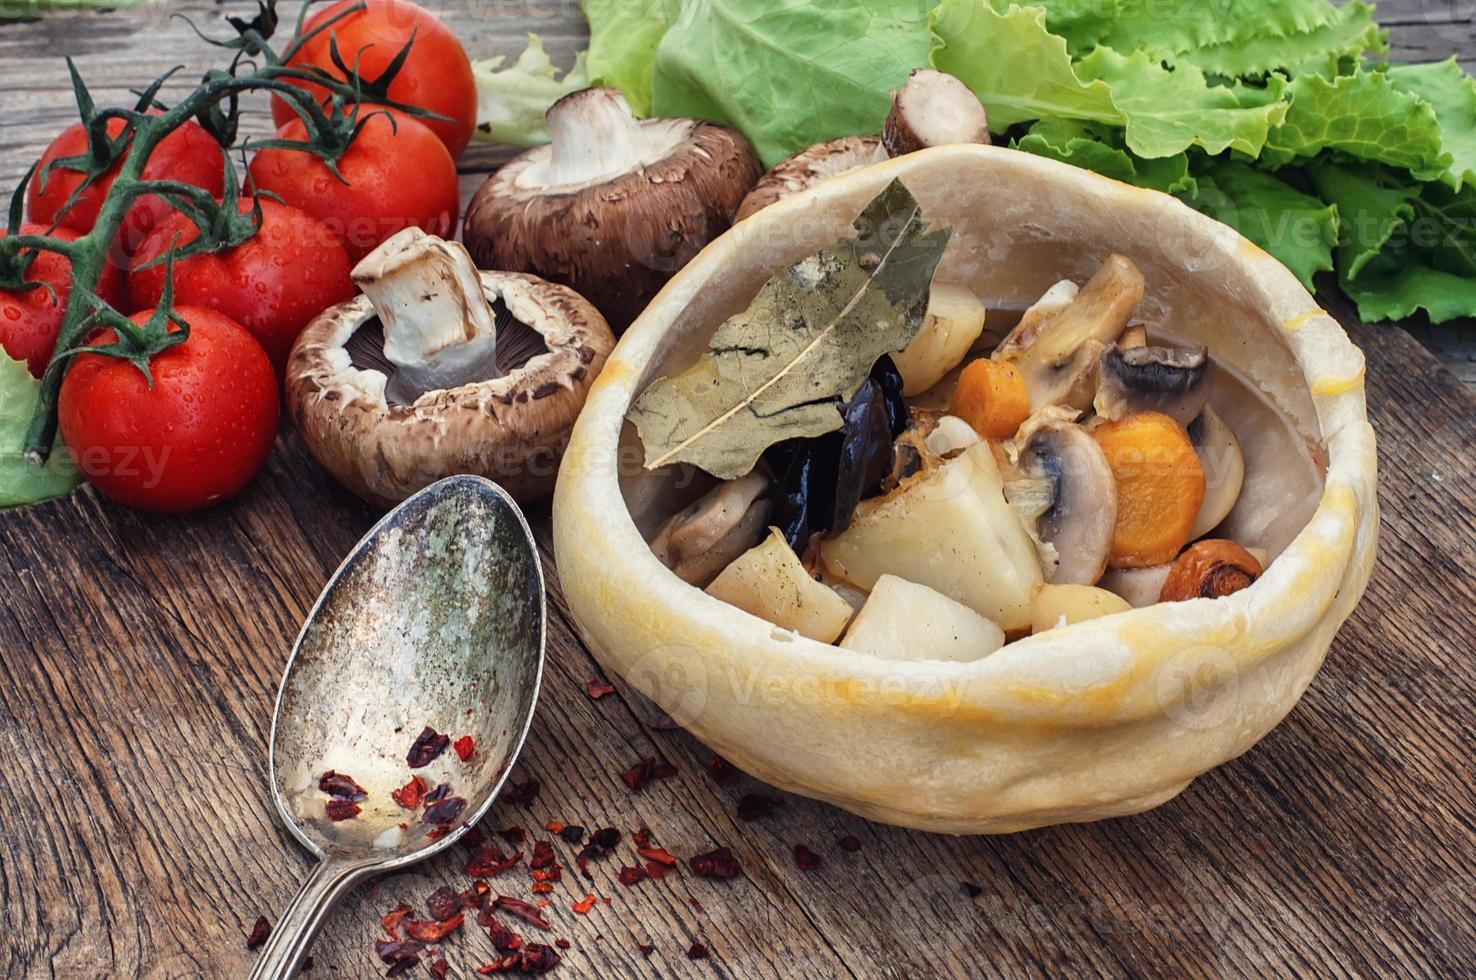 traditionellt ukrainska köket med grönsaksstek recept foto